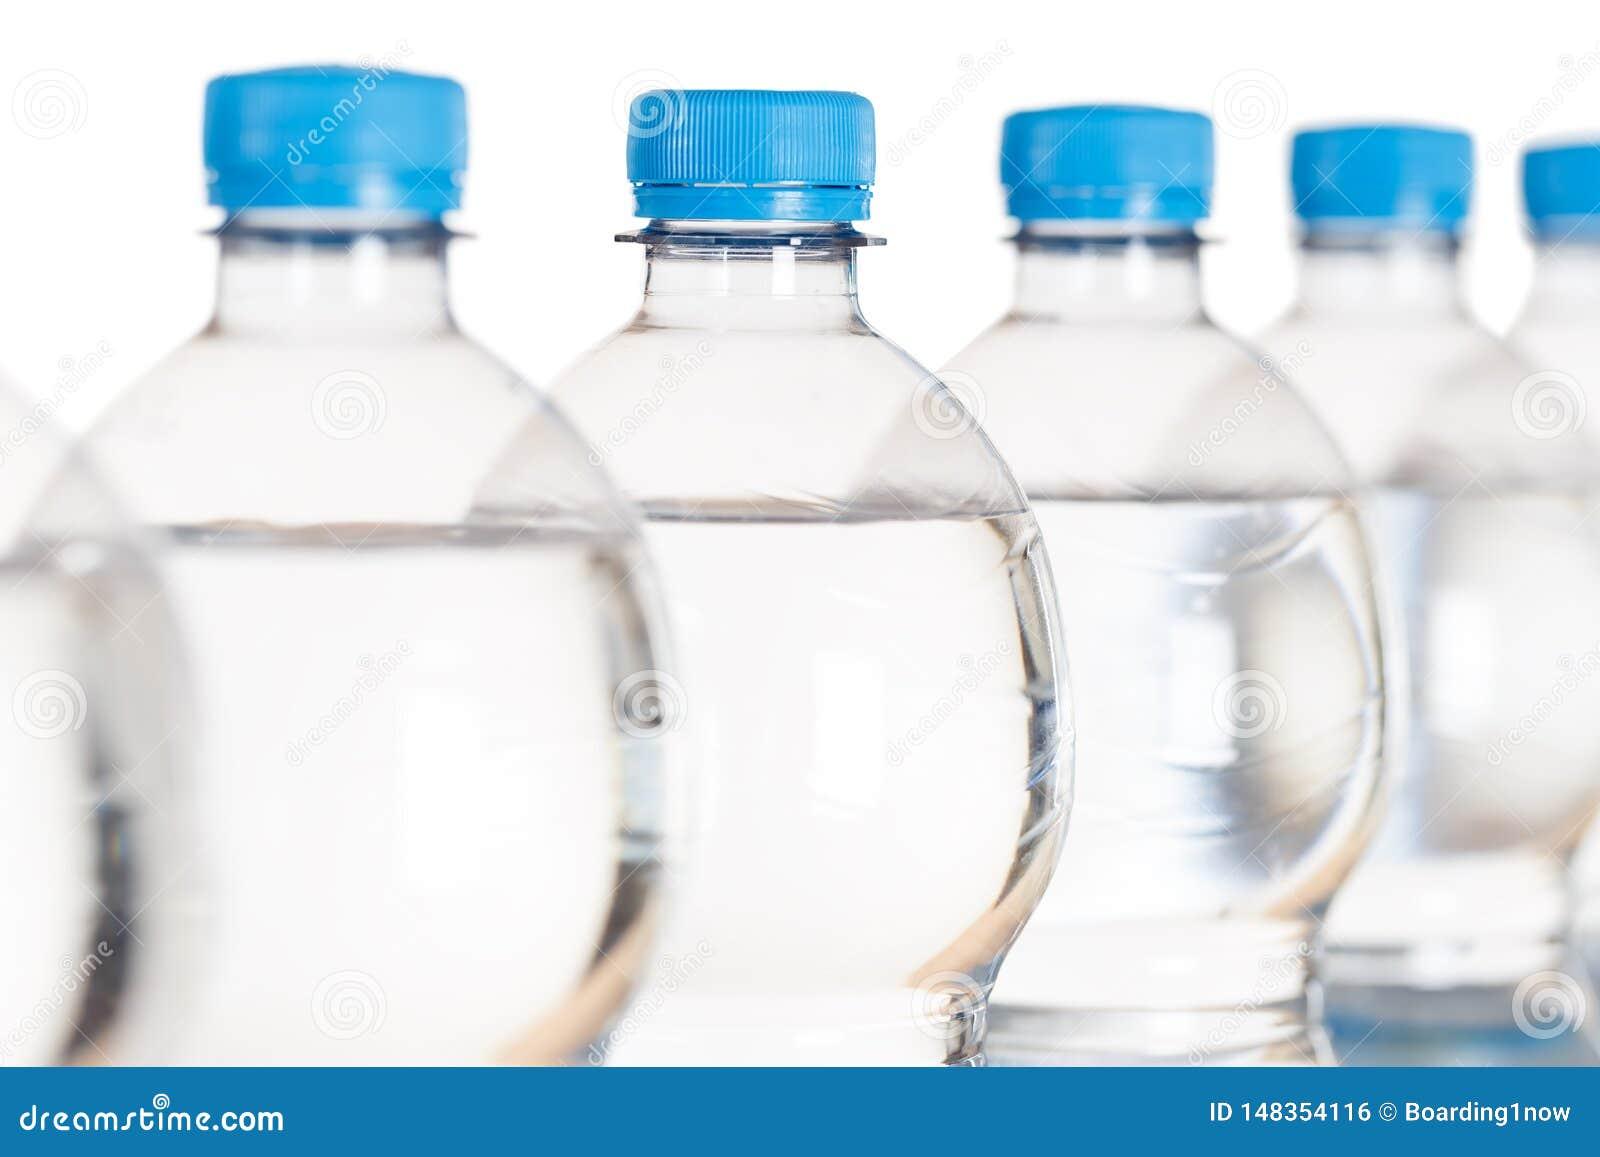 Μπουκάλια μπουκαλιών νερό στο λευκό